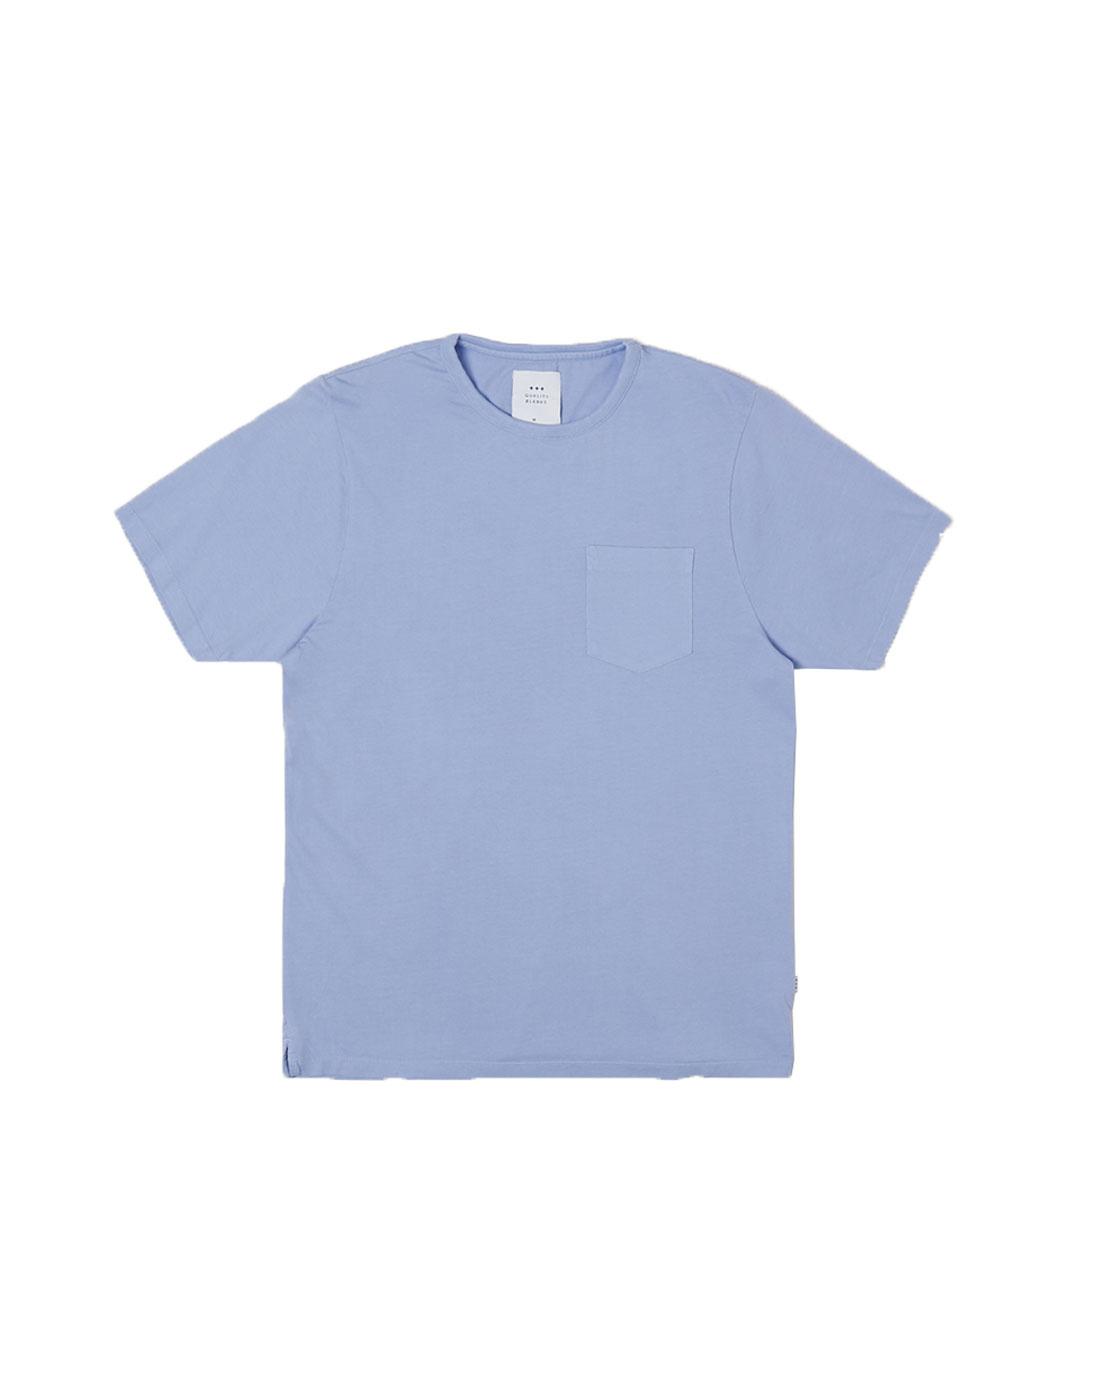 Quality Blanks QB06 Pocket T-shirt Lilac